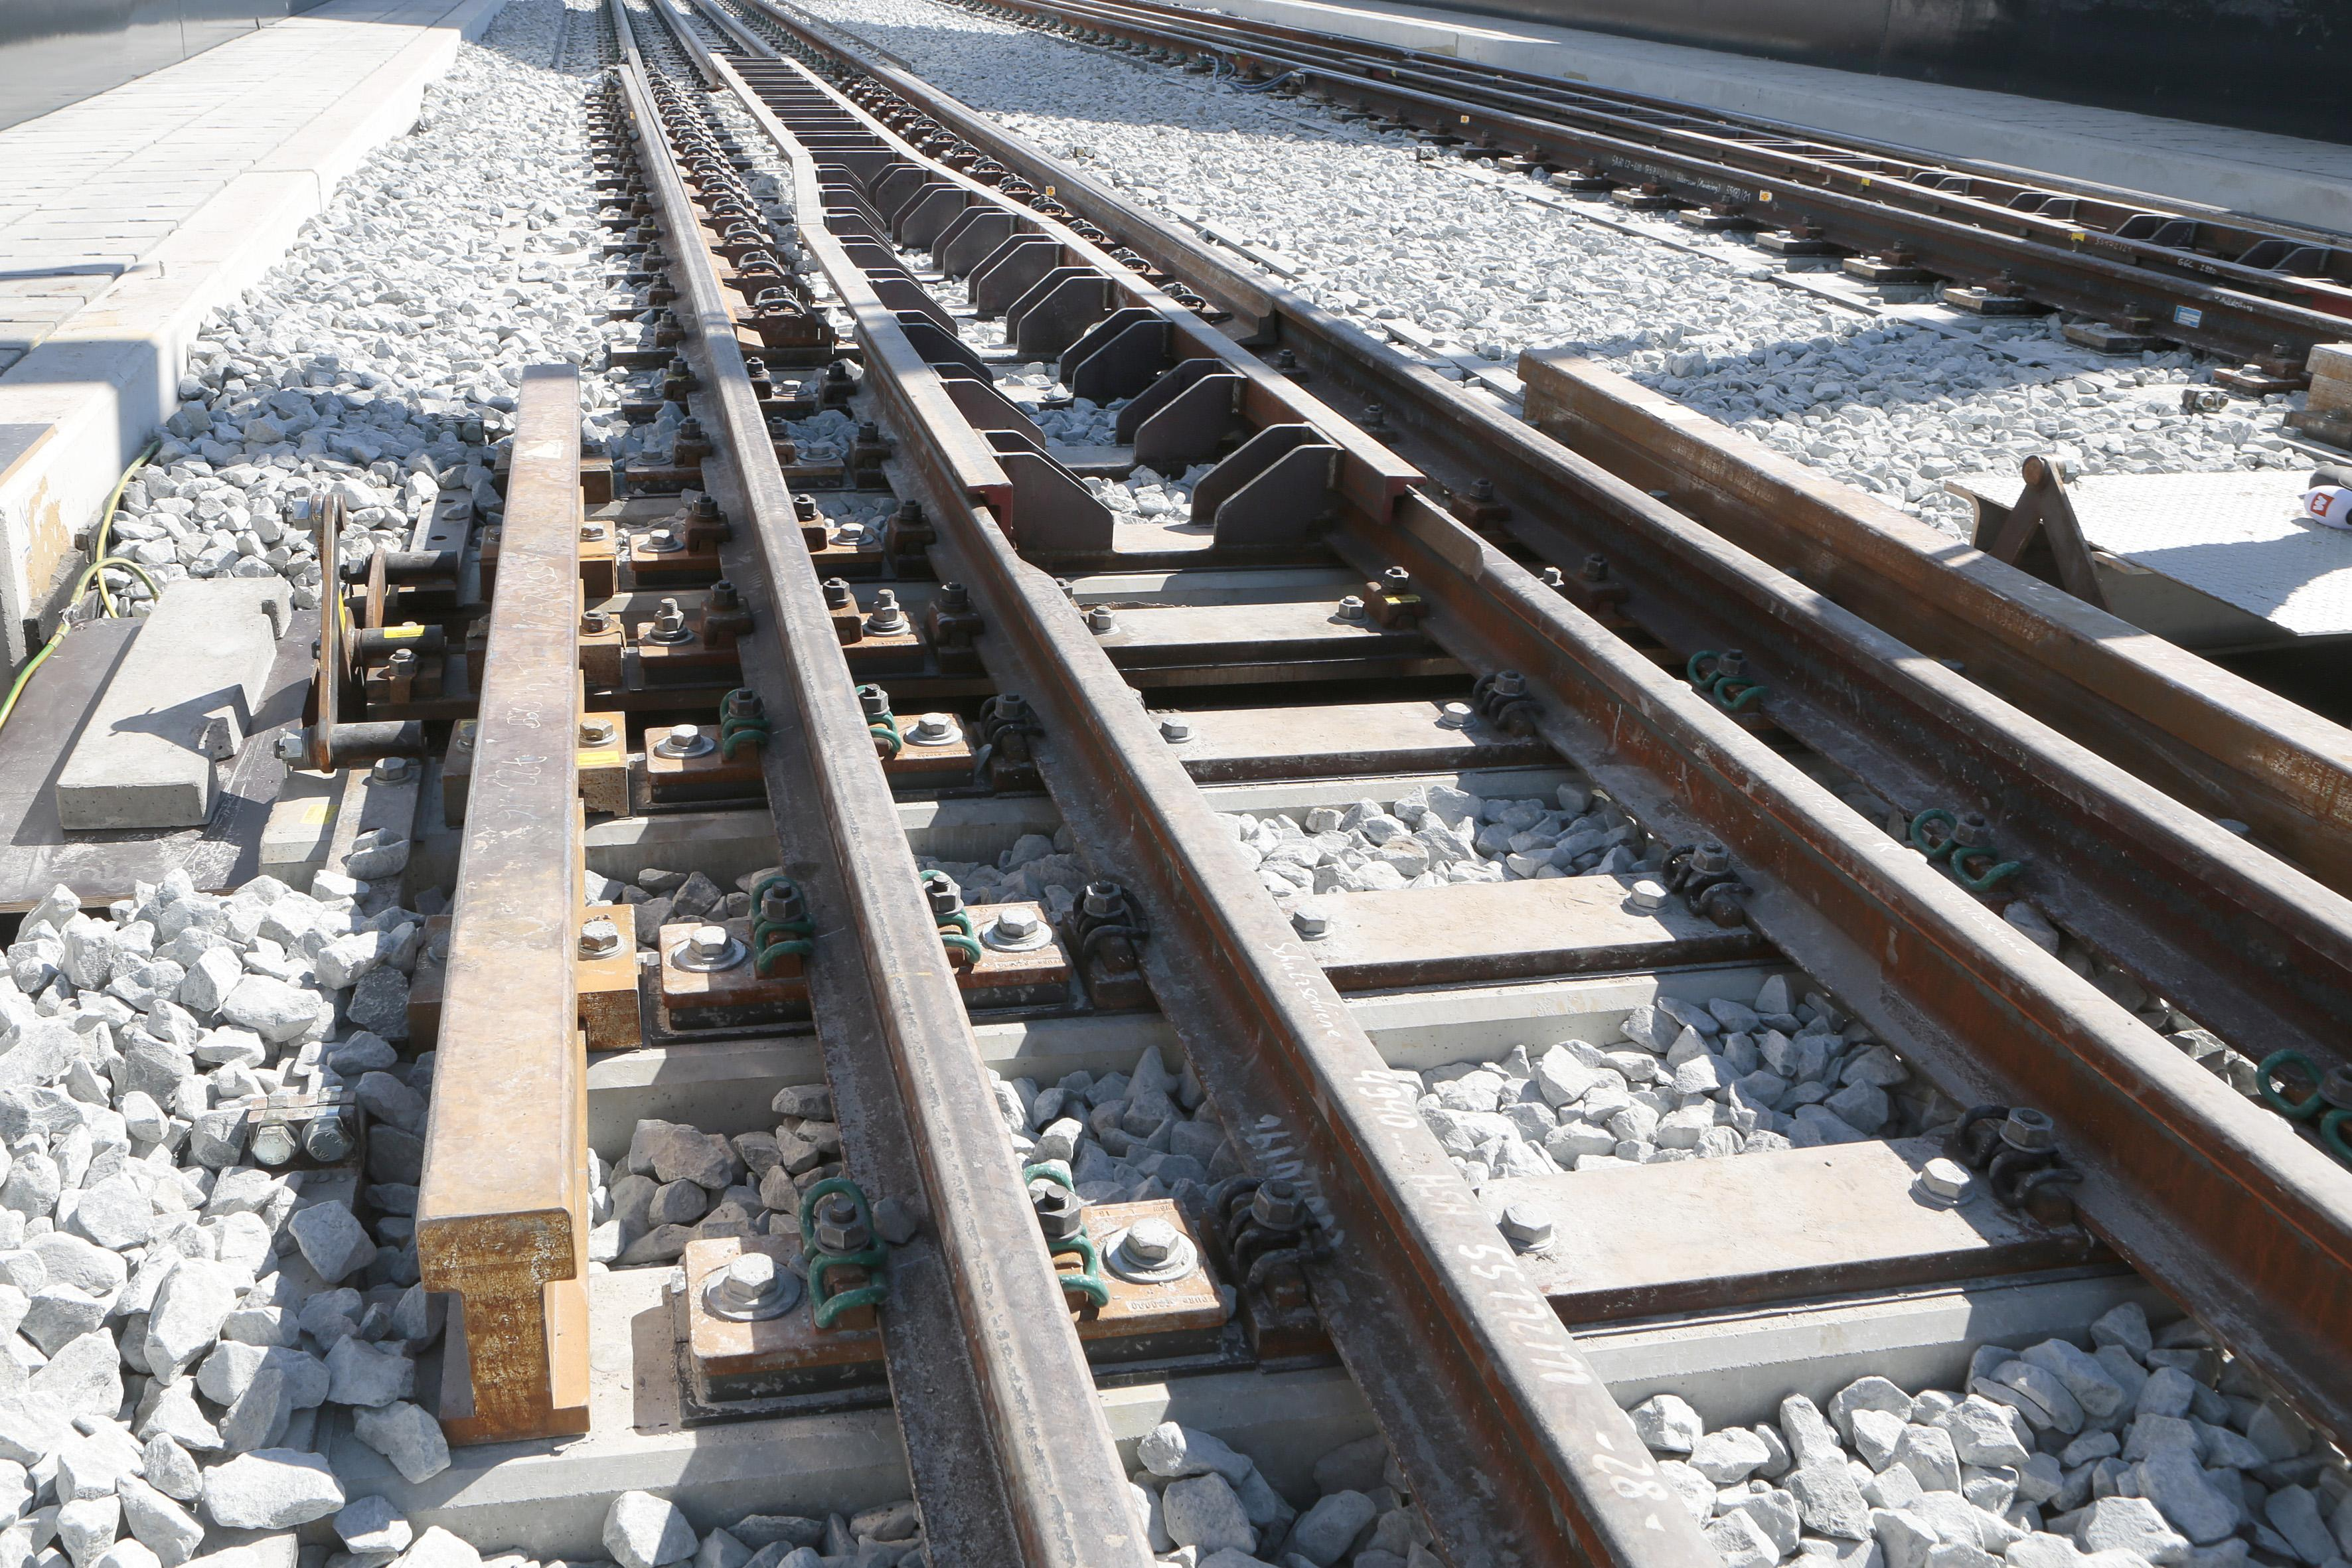 Vijf dagen lang geen treinen tussen Hilversum en Utrecht Overvecht. ProRail vervangt bovenleidingsportalen, vernieuwt overwegen en bestraat perrons